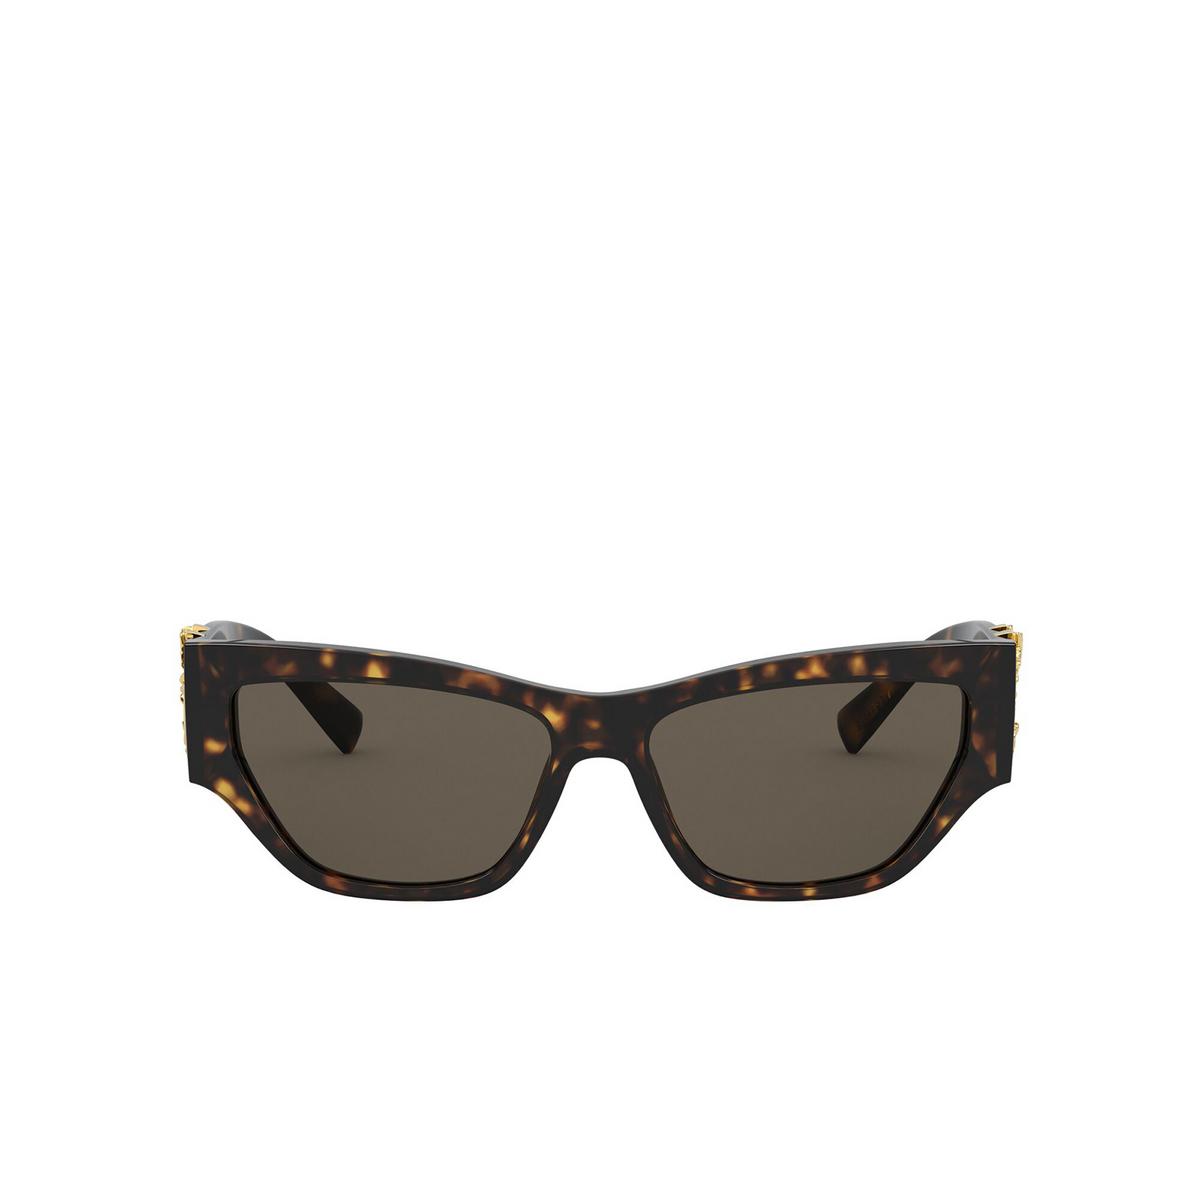 Versace® Cat-eye Sunglasses: VE4383 color Havana 944/3 - front view.